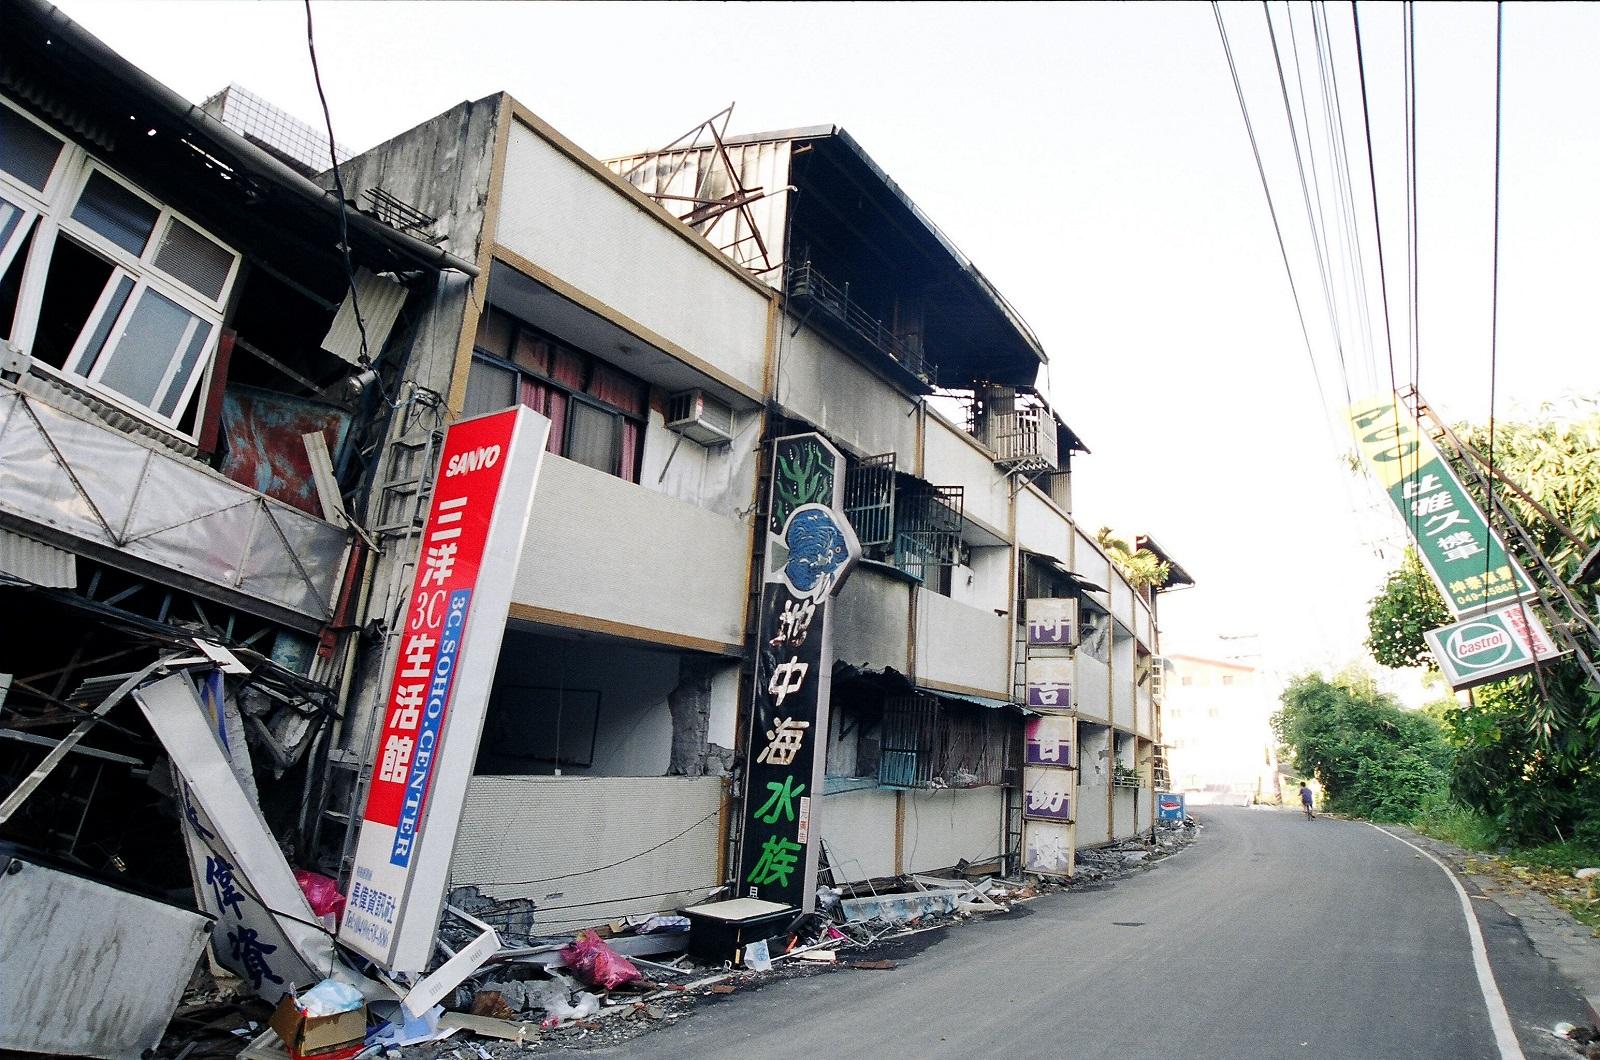 陳冠宇爸爸的竹山老家,在921地震中震垮,震後打掉重建。圖/攝影師劉興崧提供。